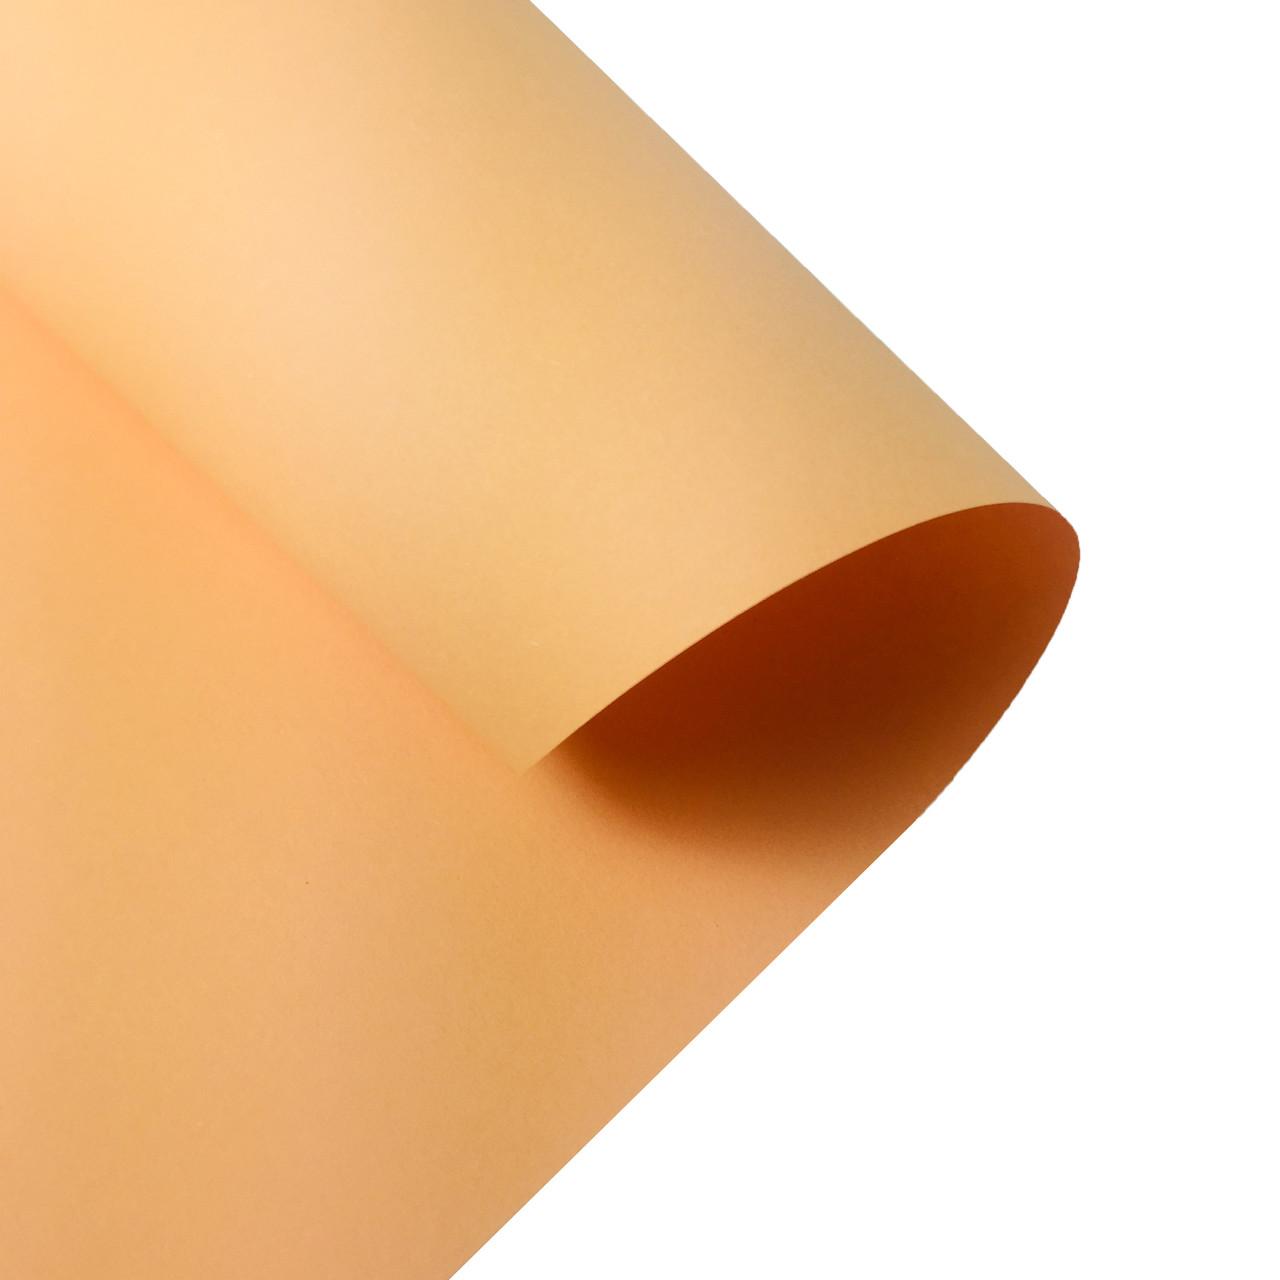 Бумага для дизайна Folia 50 х 70 см, персиковая